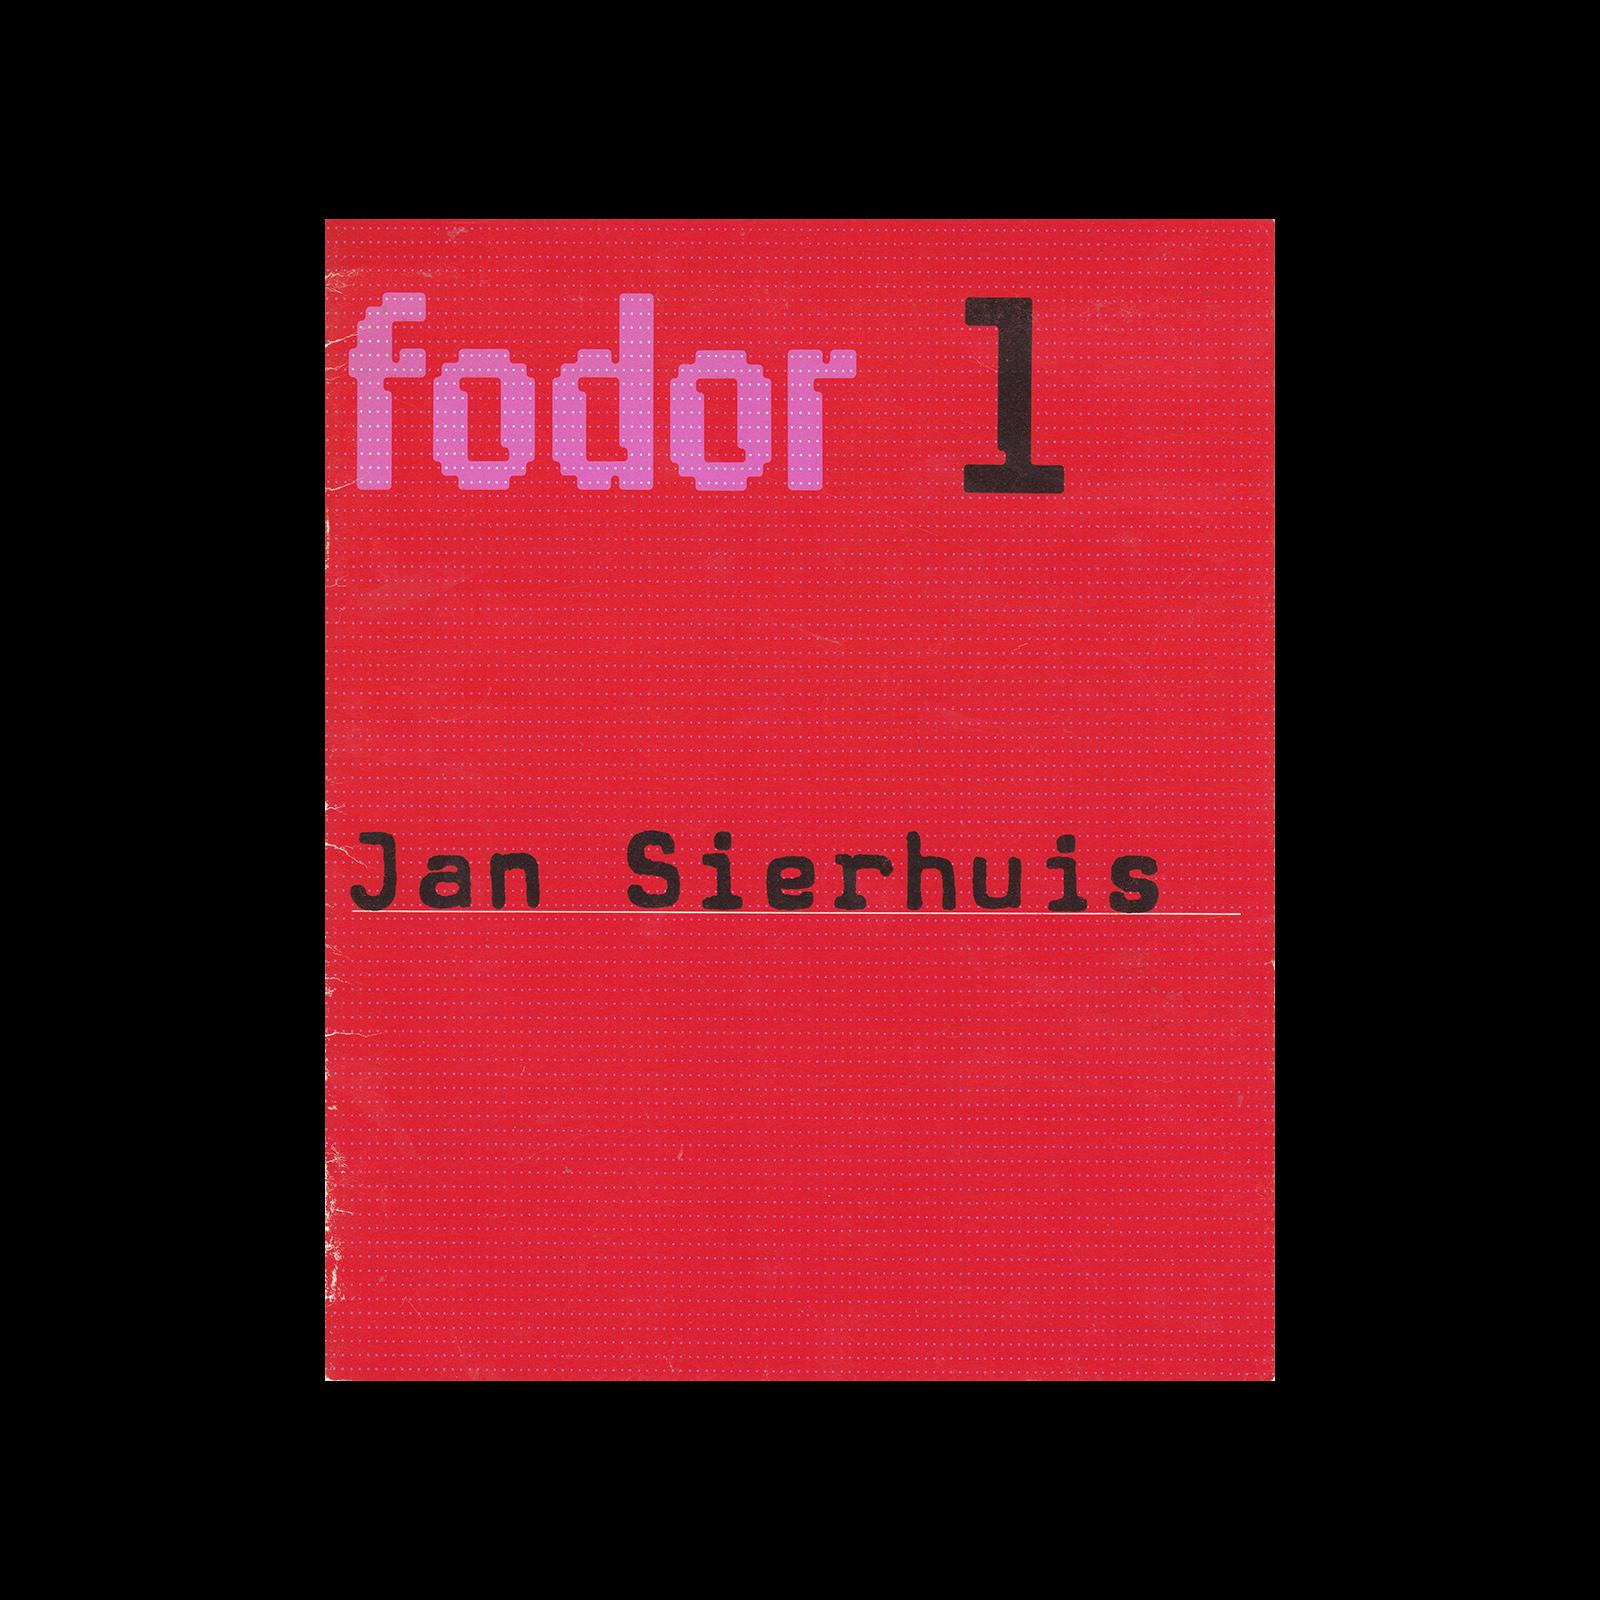 Fodor 1, 1972 - Jan Sierhuis. Designed by Wim Crouwel.